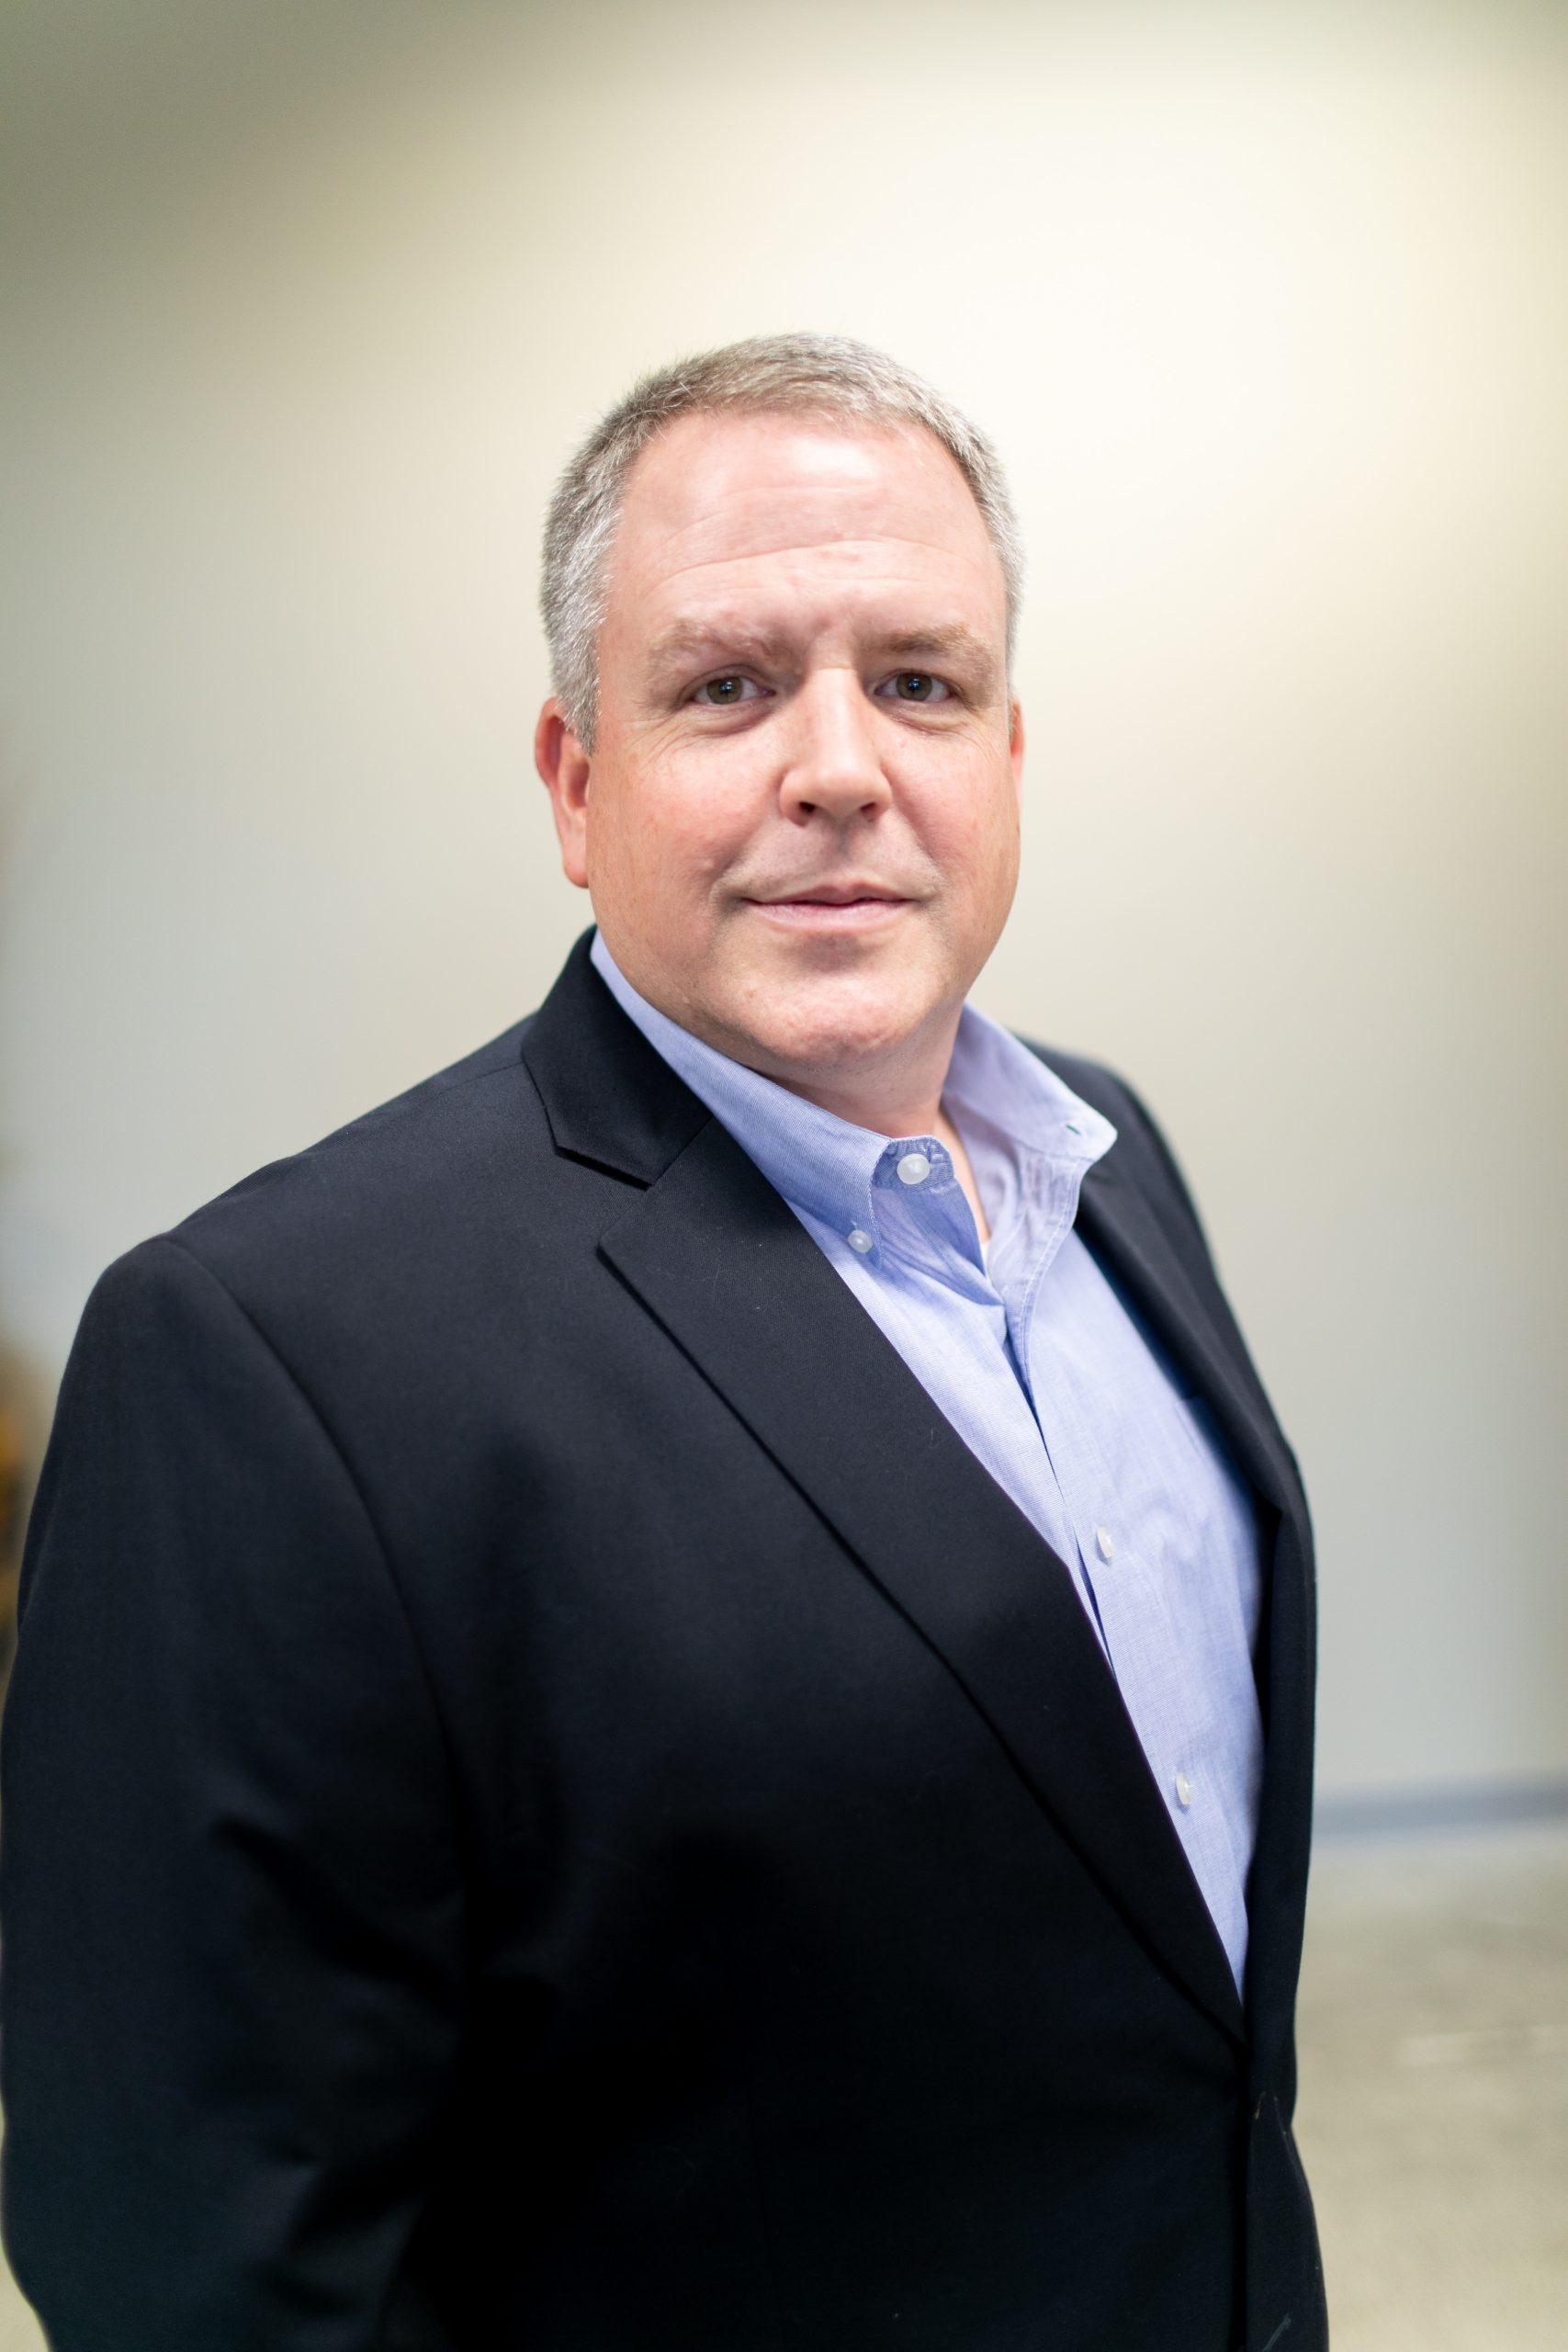 Noel Ringold - VP of Logistical Operations, LI Group LLC